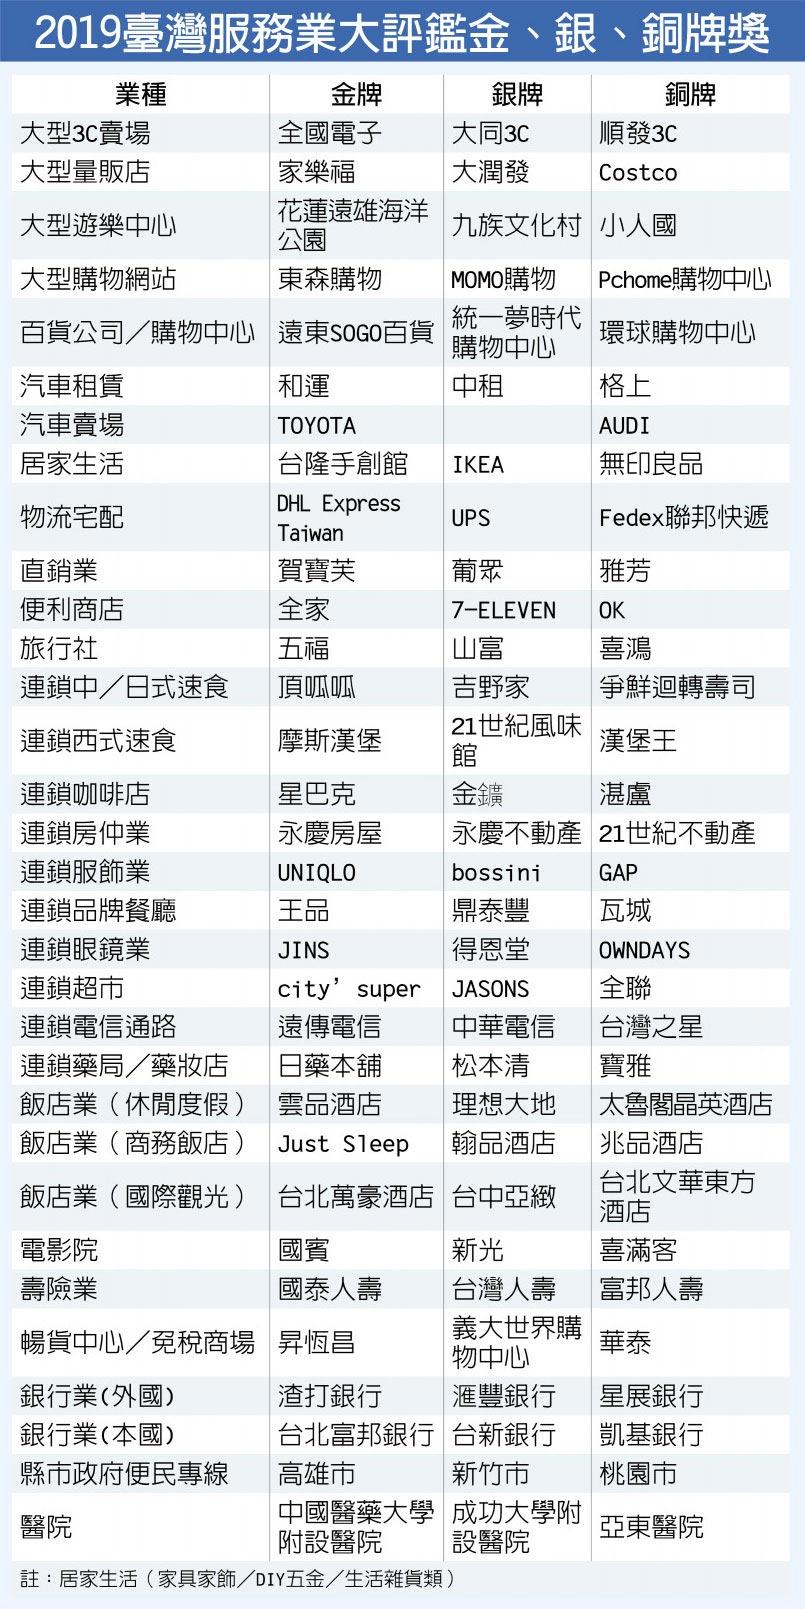 2019臺灣服務業大評鑑金、銀、銅牌獎